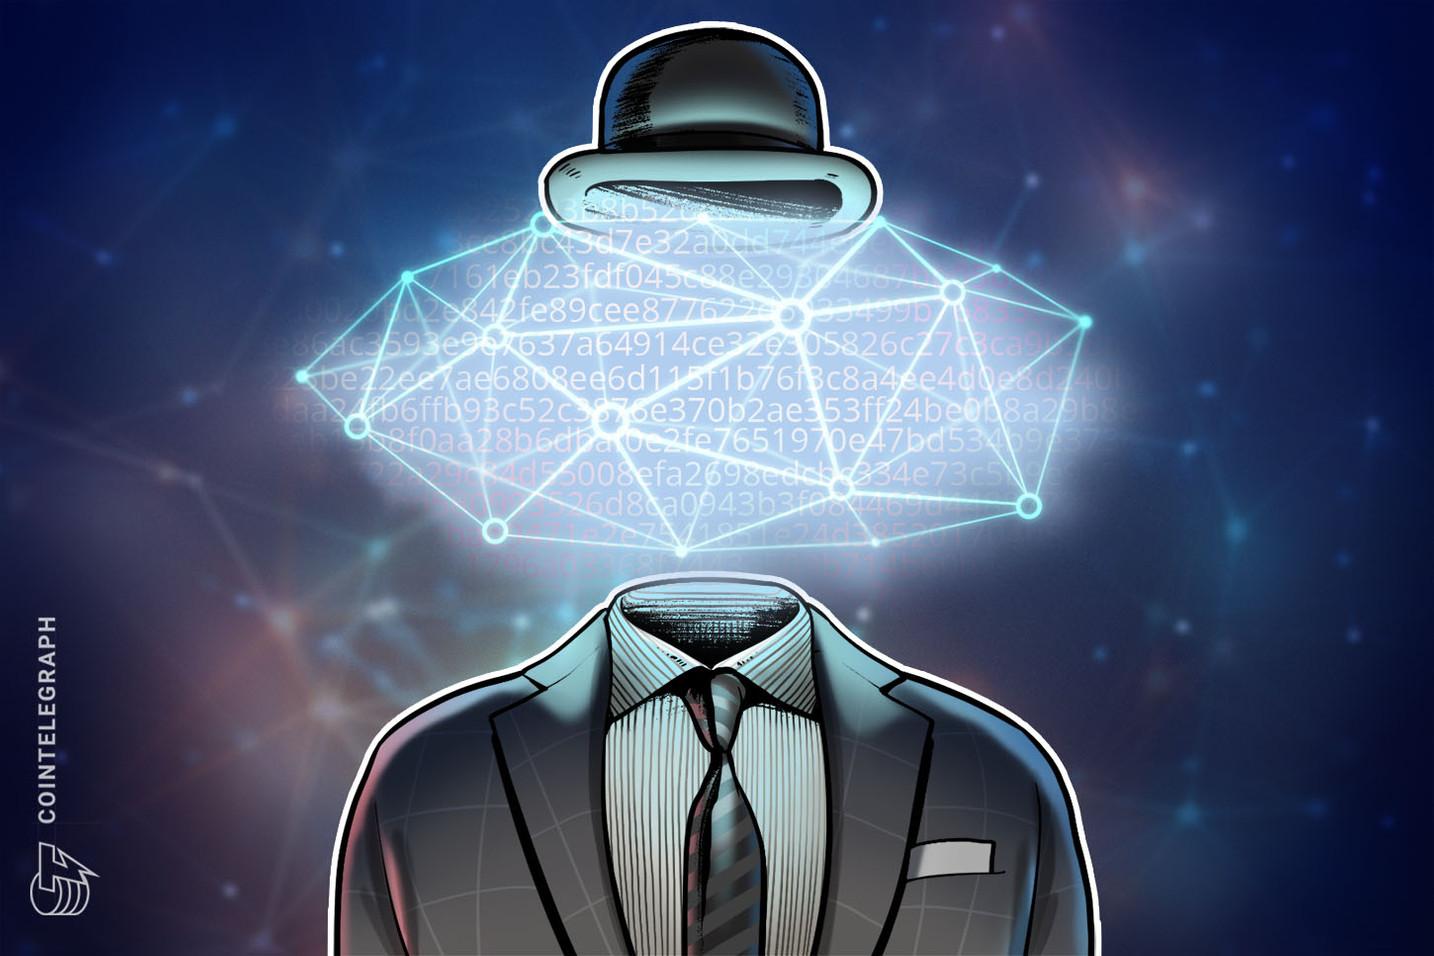 Legendario criptógrafo habla sobre la construcción de la primera blockchain en los años 90